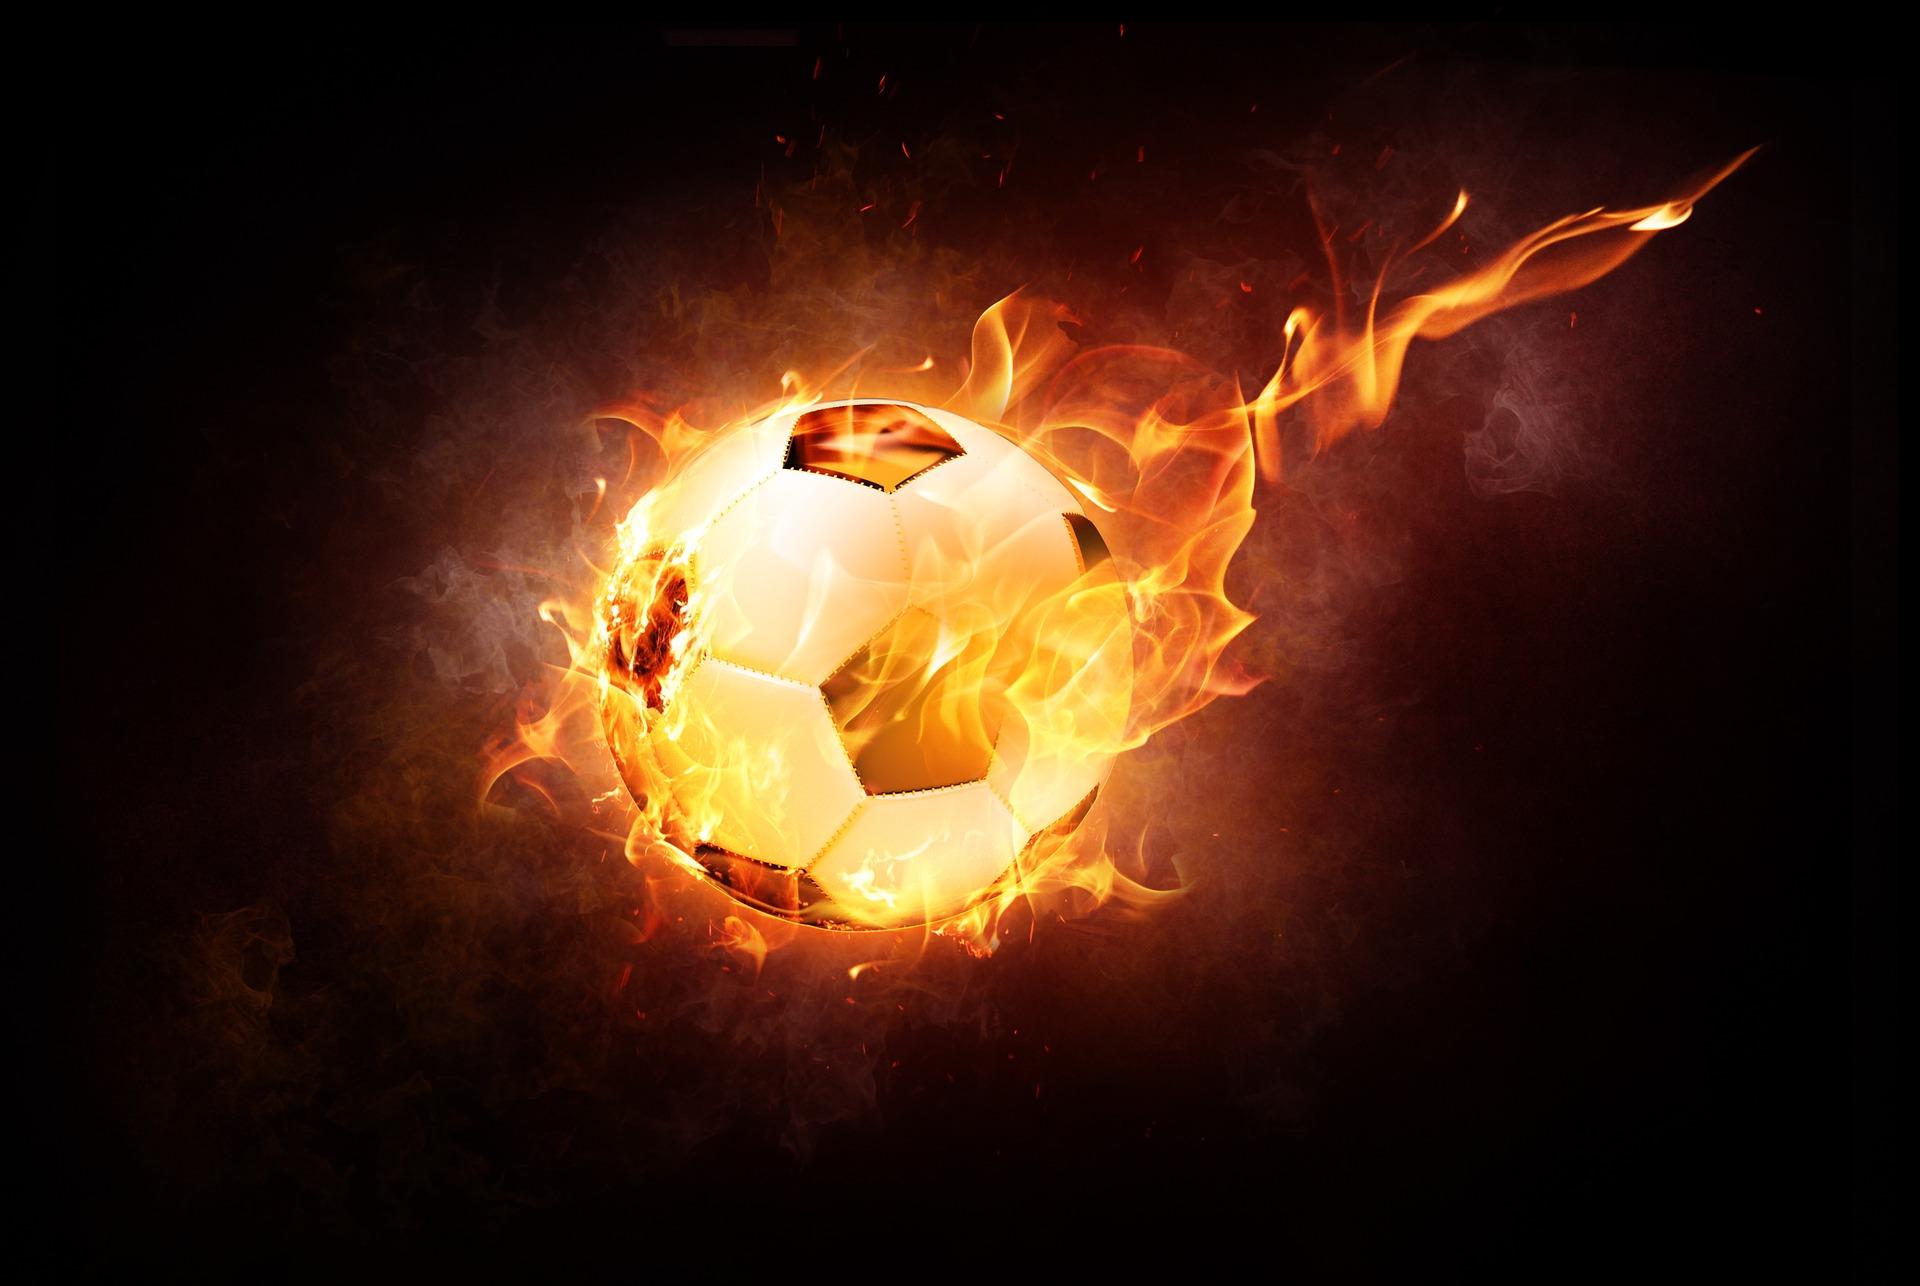 fútbol, balón, fuego, tiro, llama - Fondos de Pantalla HD - professor-falken.com